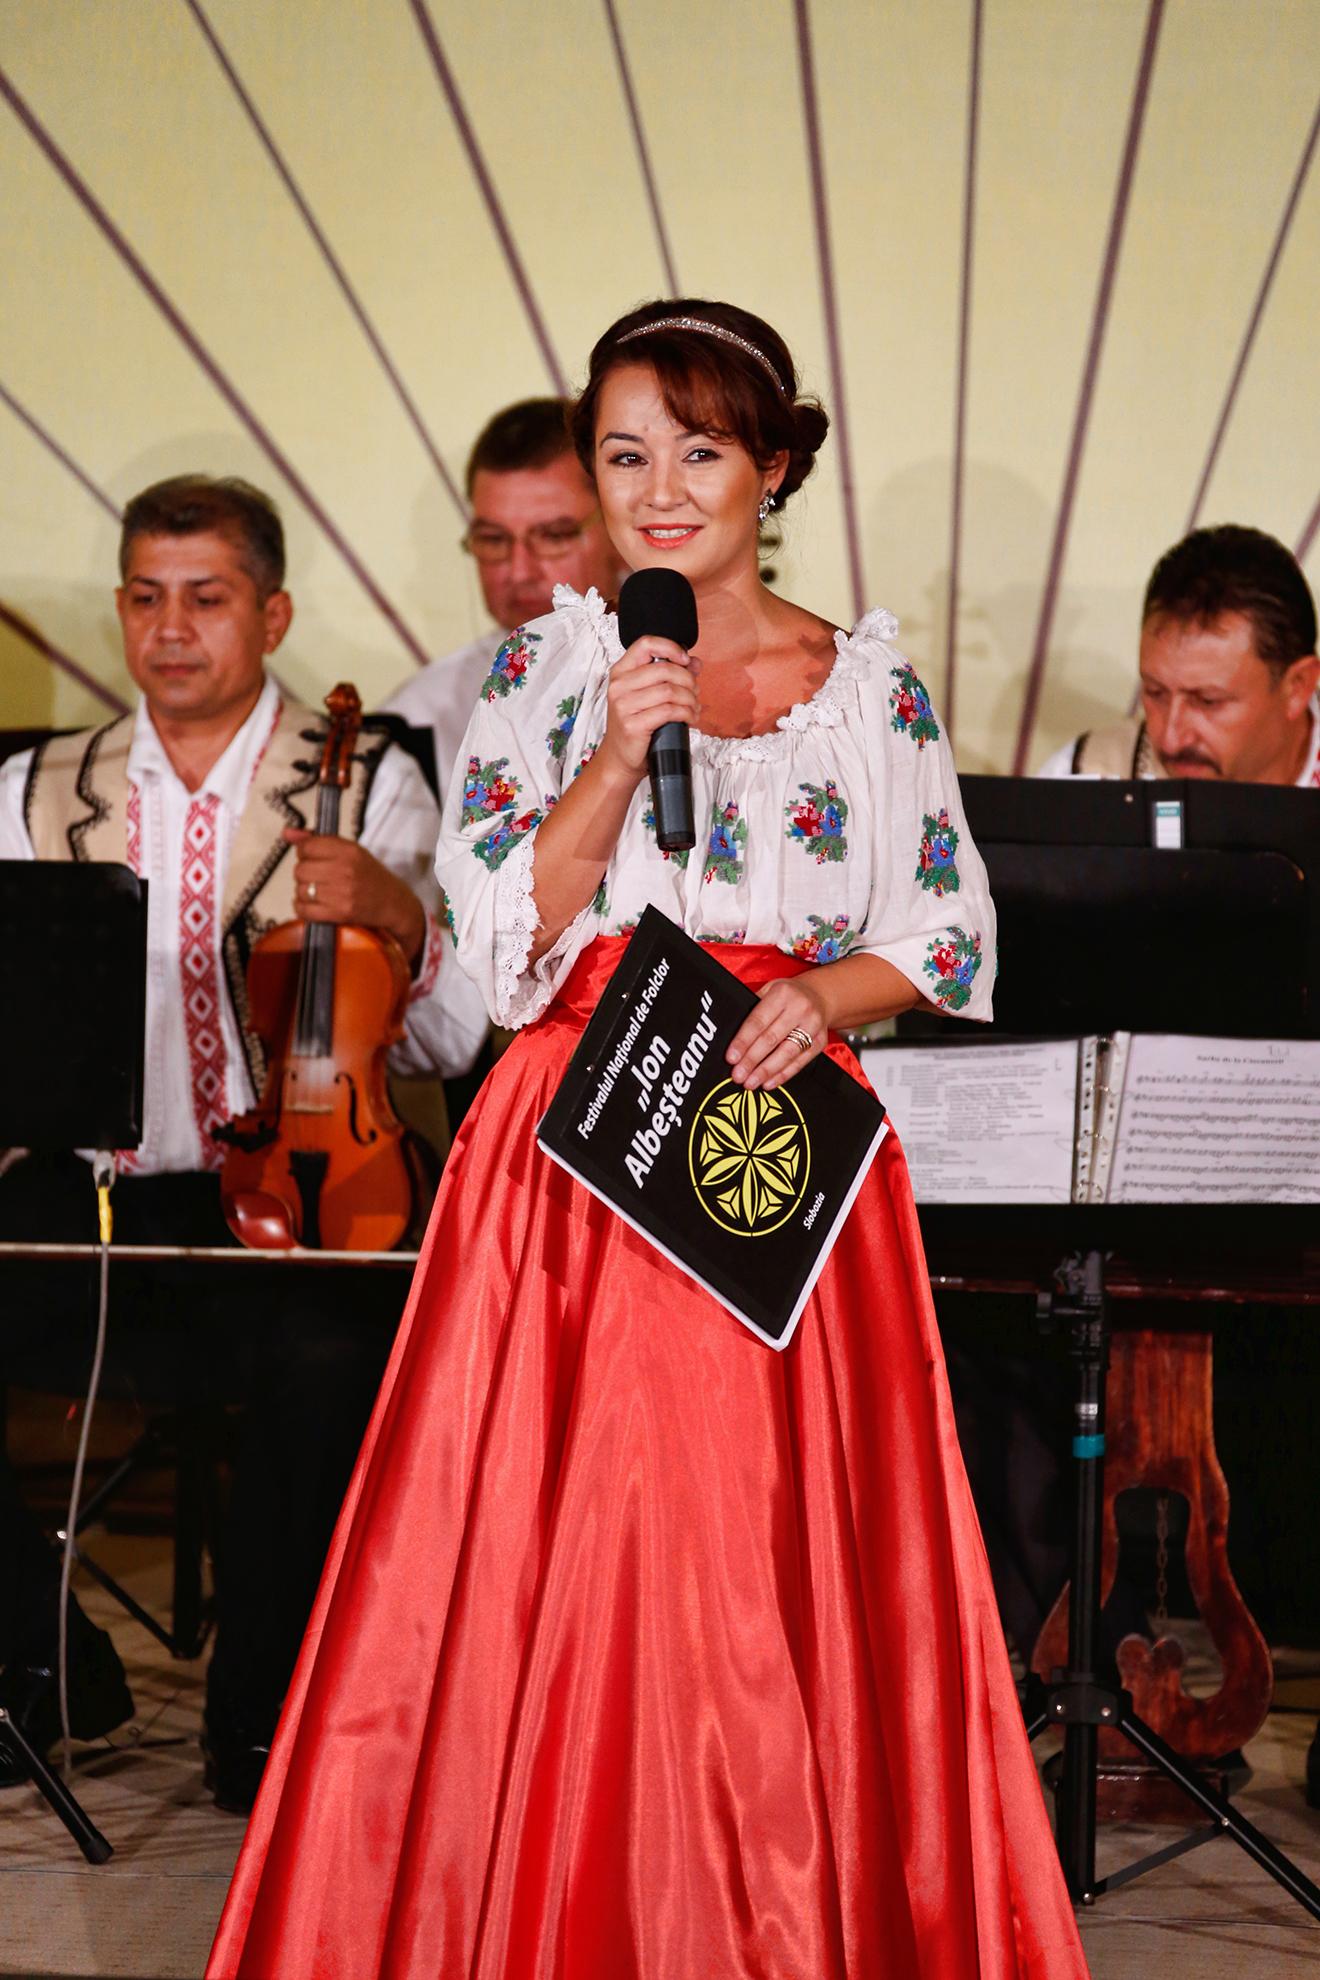 Miruna Ionescu - prezentatorul festivalului